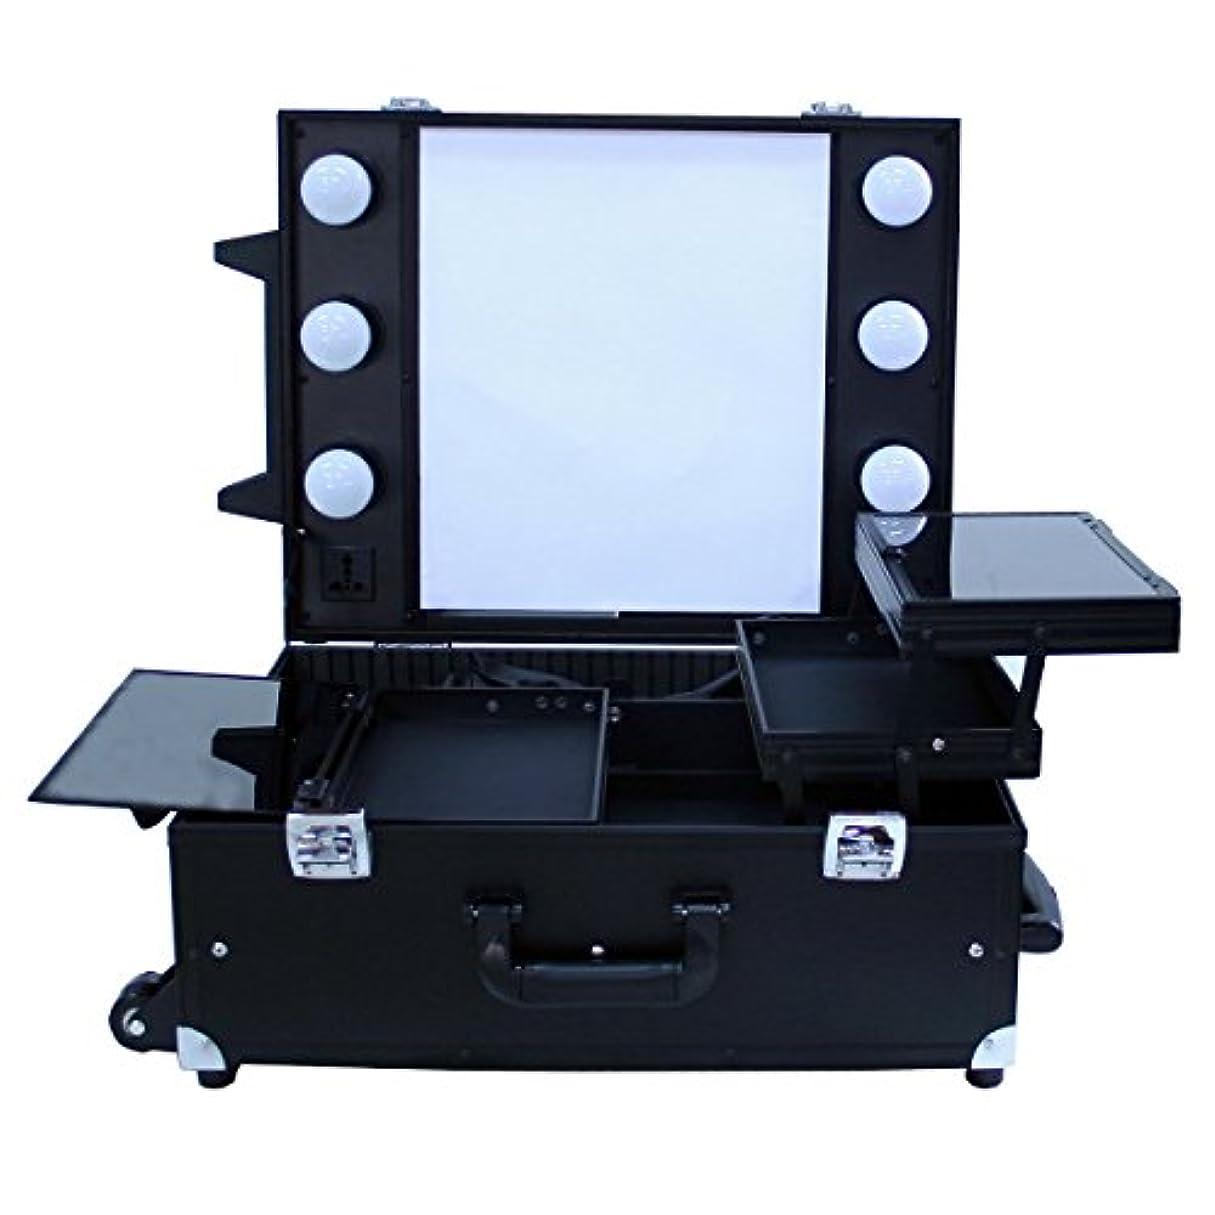 召喚する症候群ますますプロ用卓上式メイクステーション DB9552K コスメボックス メイク用品の収納に Desktop Make station (ブラック)